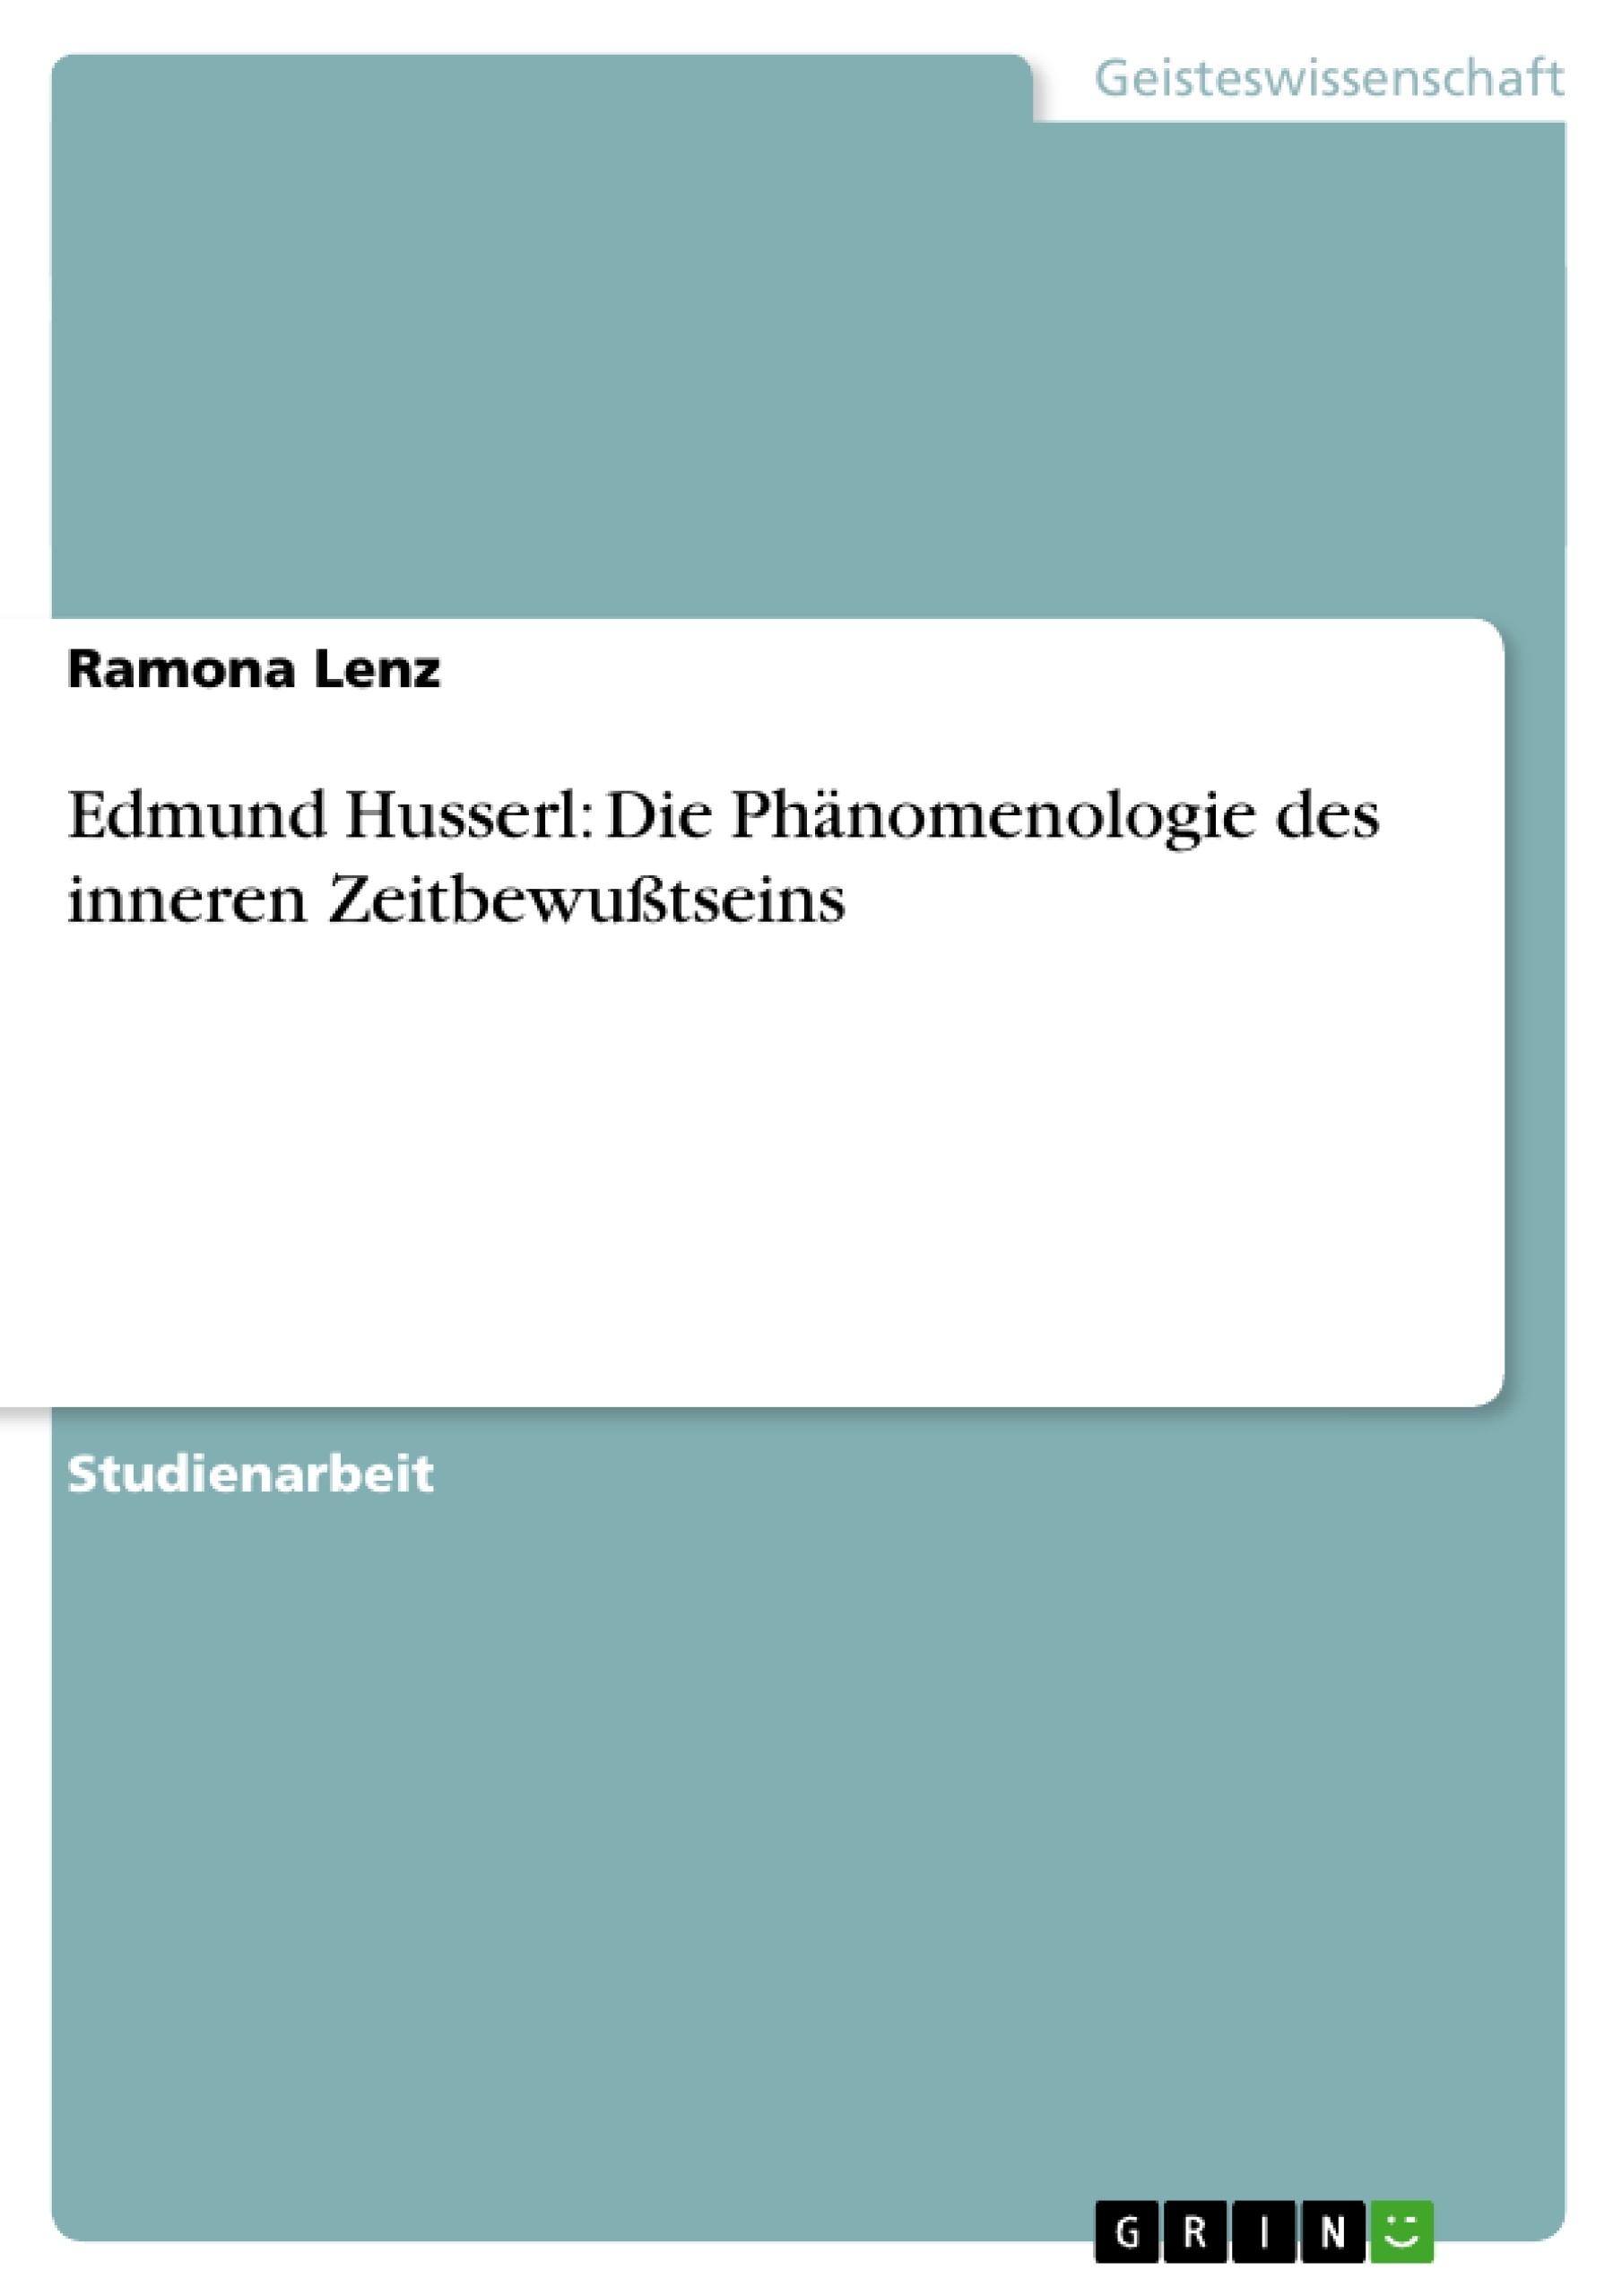 Titel: Edmund Husserl: Die Phänomenologie des inneren Zeitbewußtseins